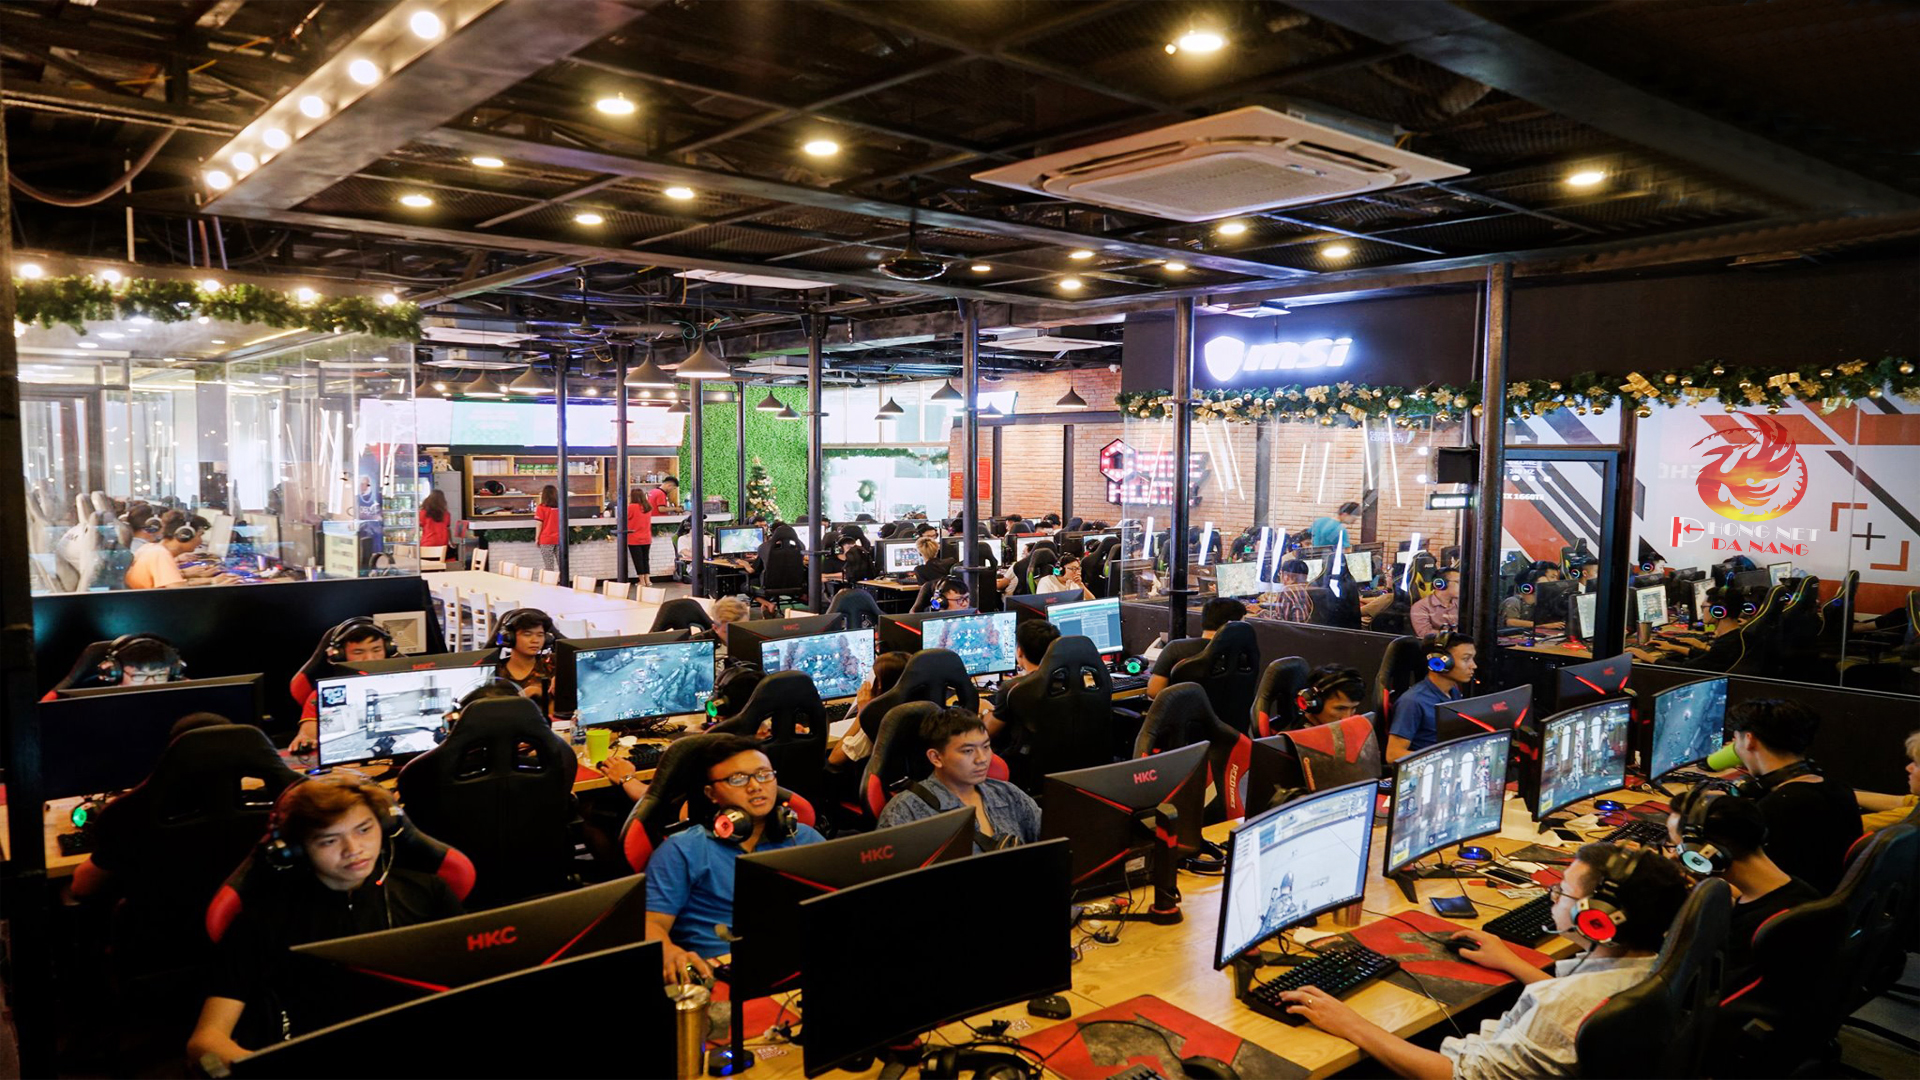 thiet-ke-phong-net-tron-goi-tai-da-nang-phongnetdanang.com-6